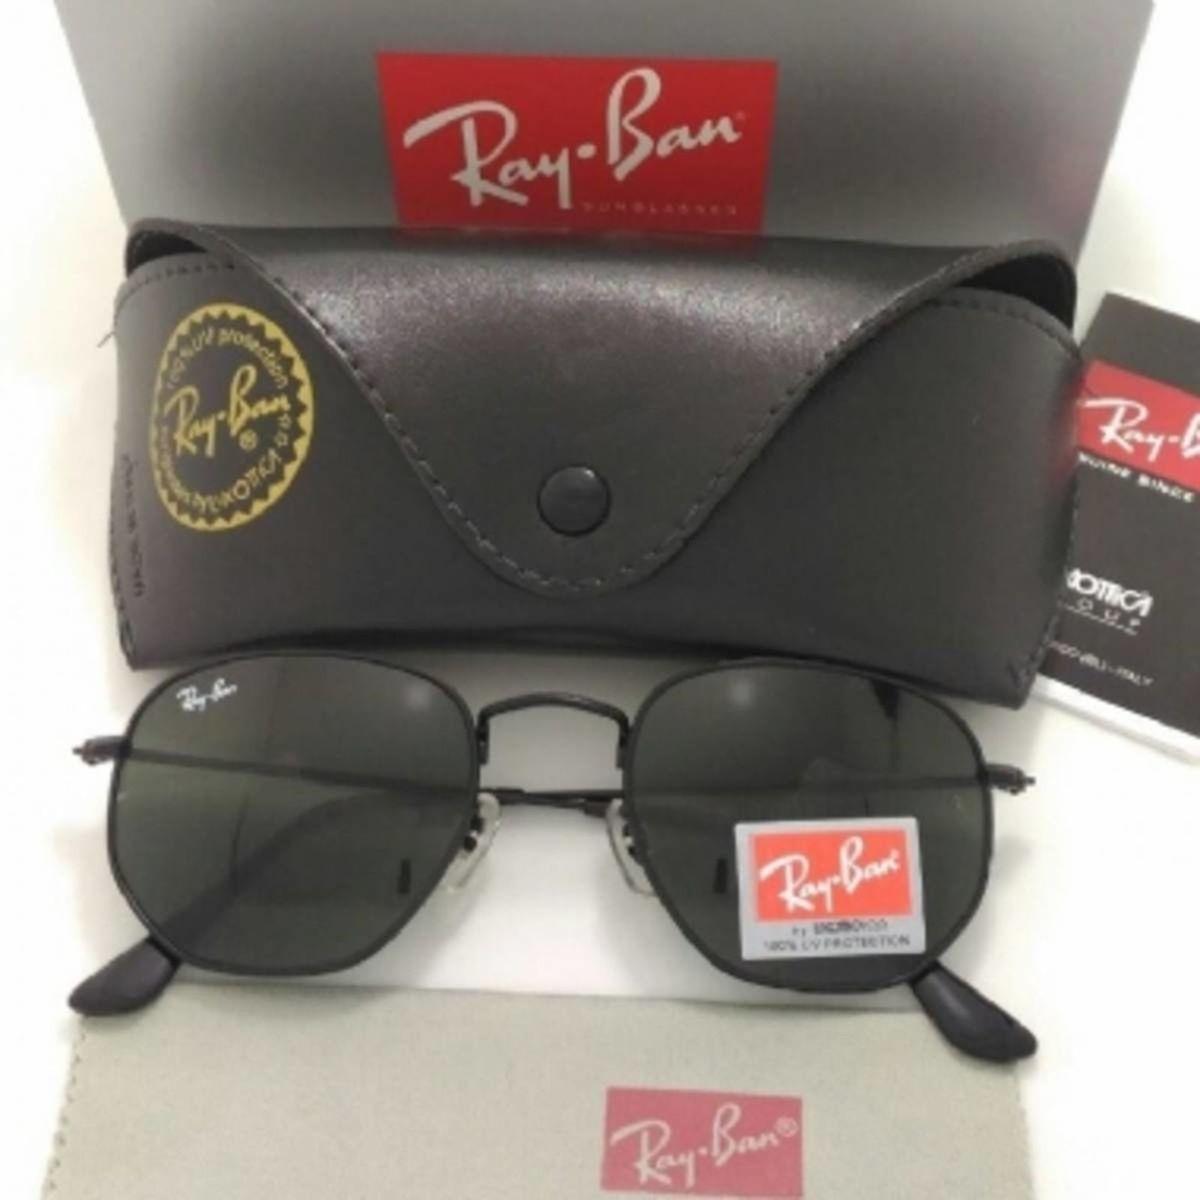 58a1271e8 Óculos de Sol Ray Ban Hexagonal Preto Masculino Feminino | Óculos Feminino  Nunca Usado 28406094 | enjoei